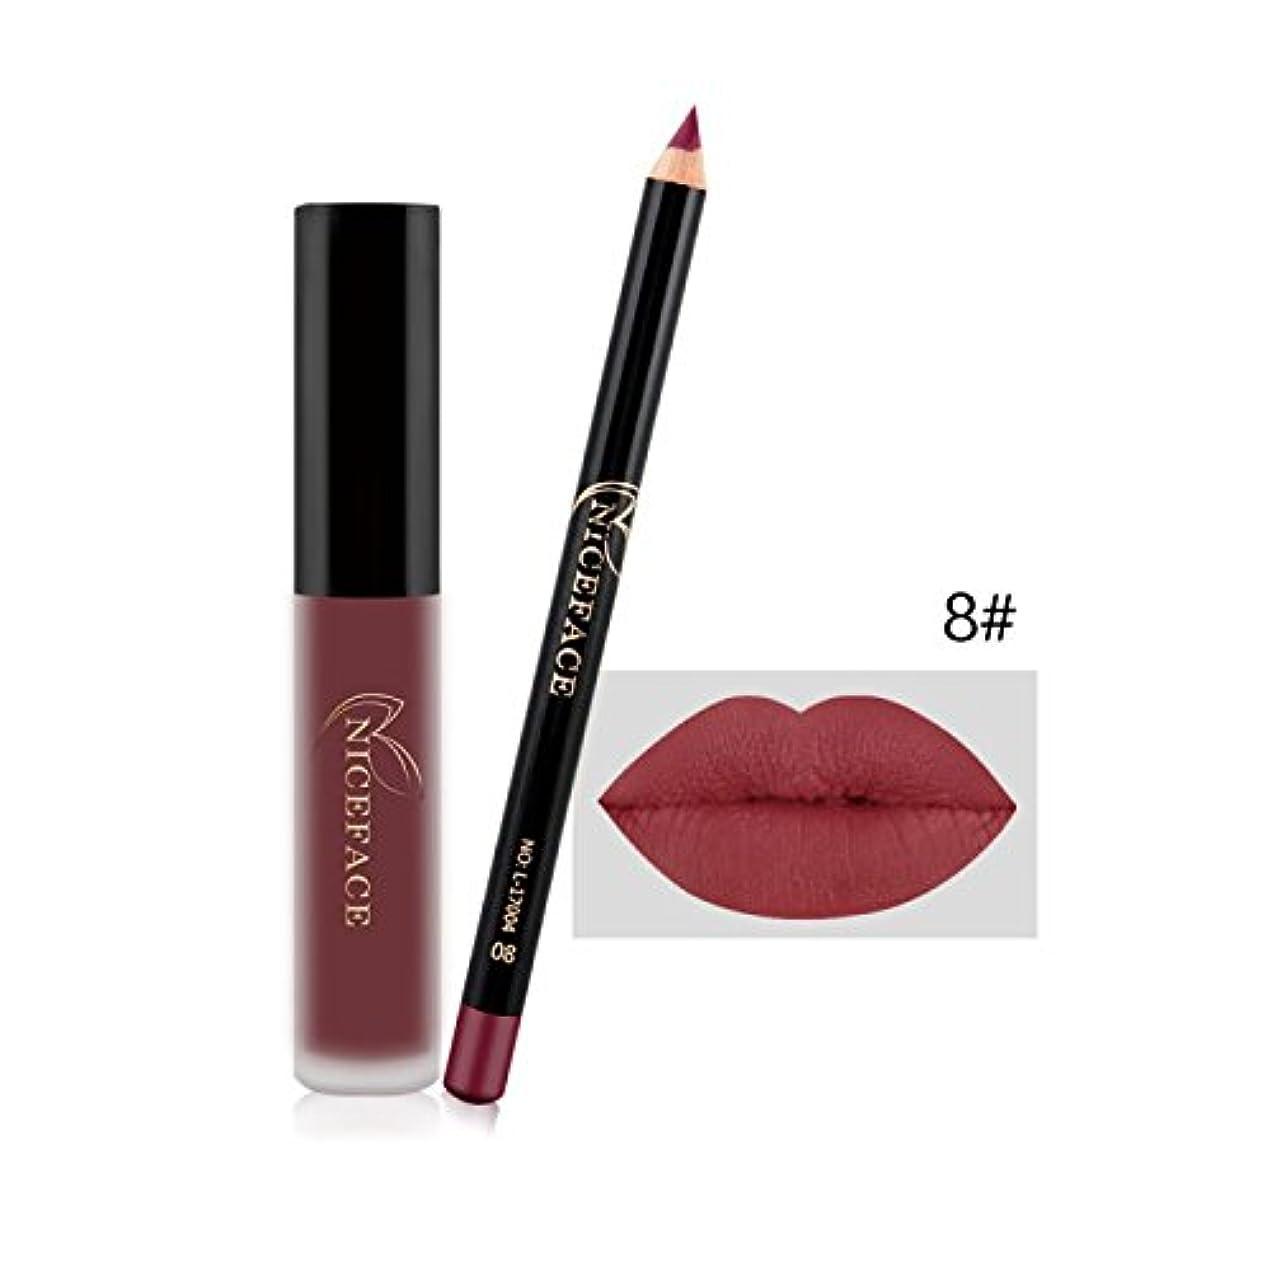 ためにかりて前方へ(8#) Makeup Set Lip Gloss + Lip Liner Set Lip Set Matte Lipstick Long Lasting Waterproof Solid Lip Pencil Liner Set Newest